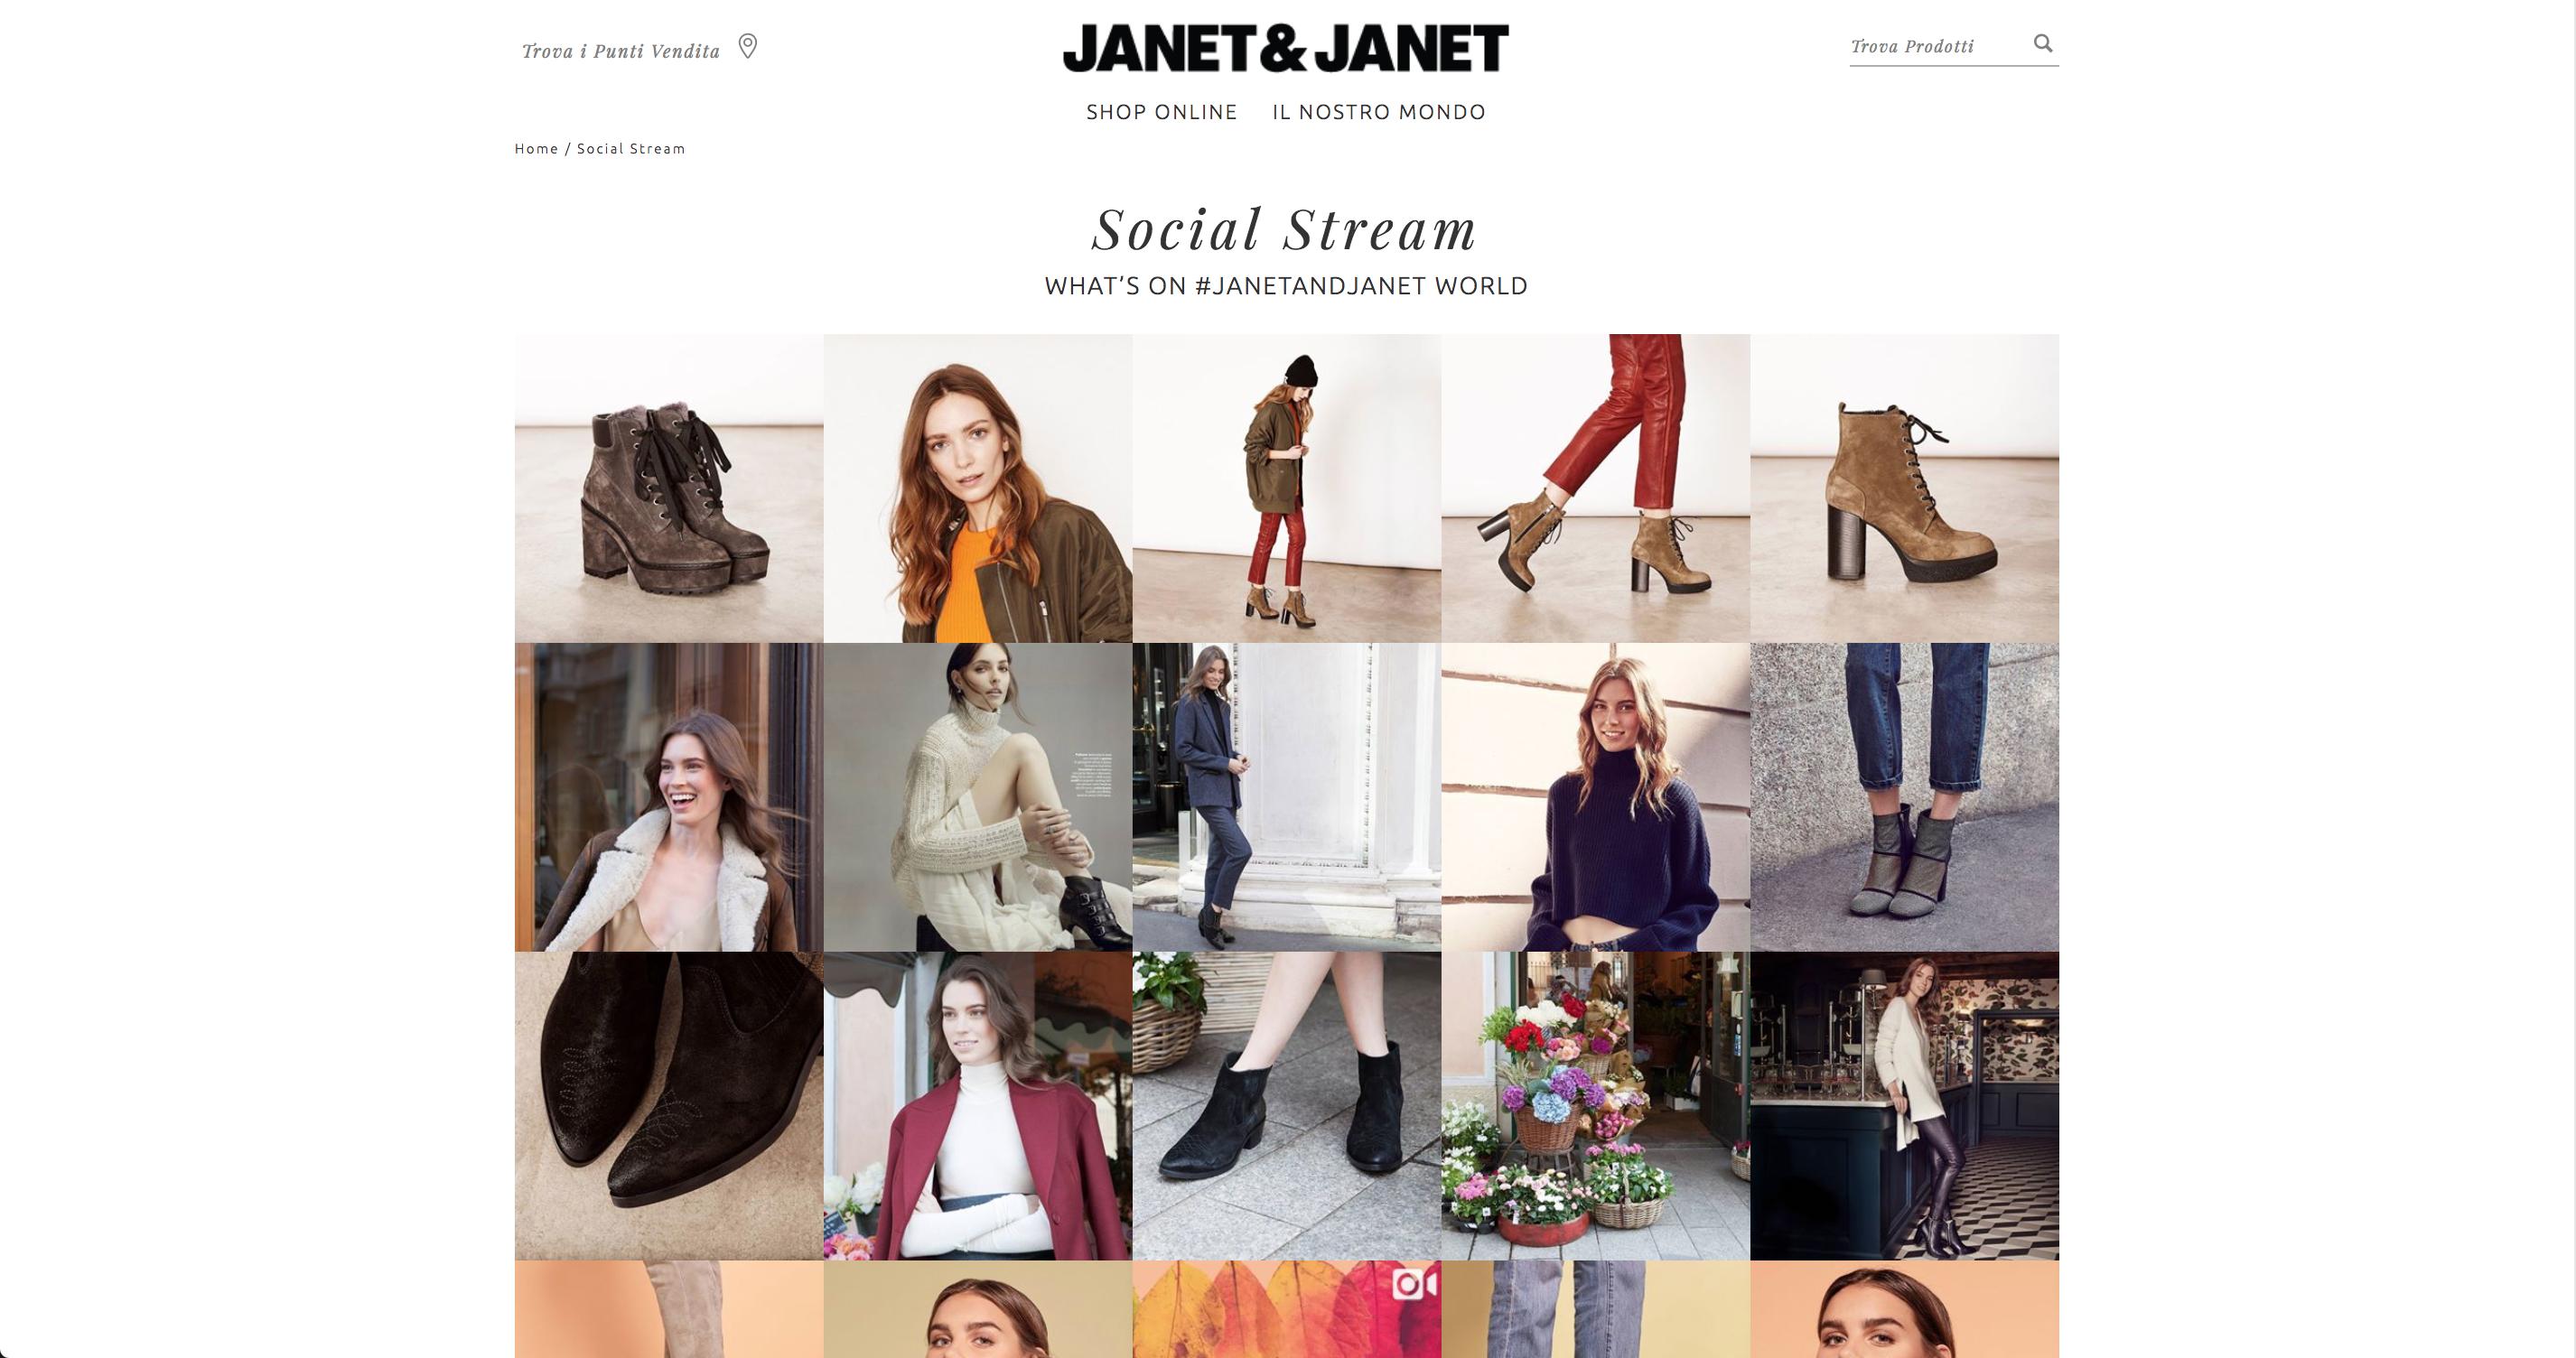 Janet & Janet social stram